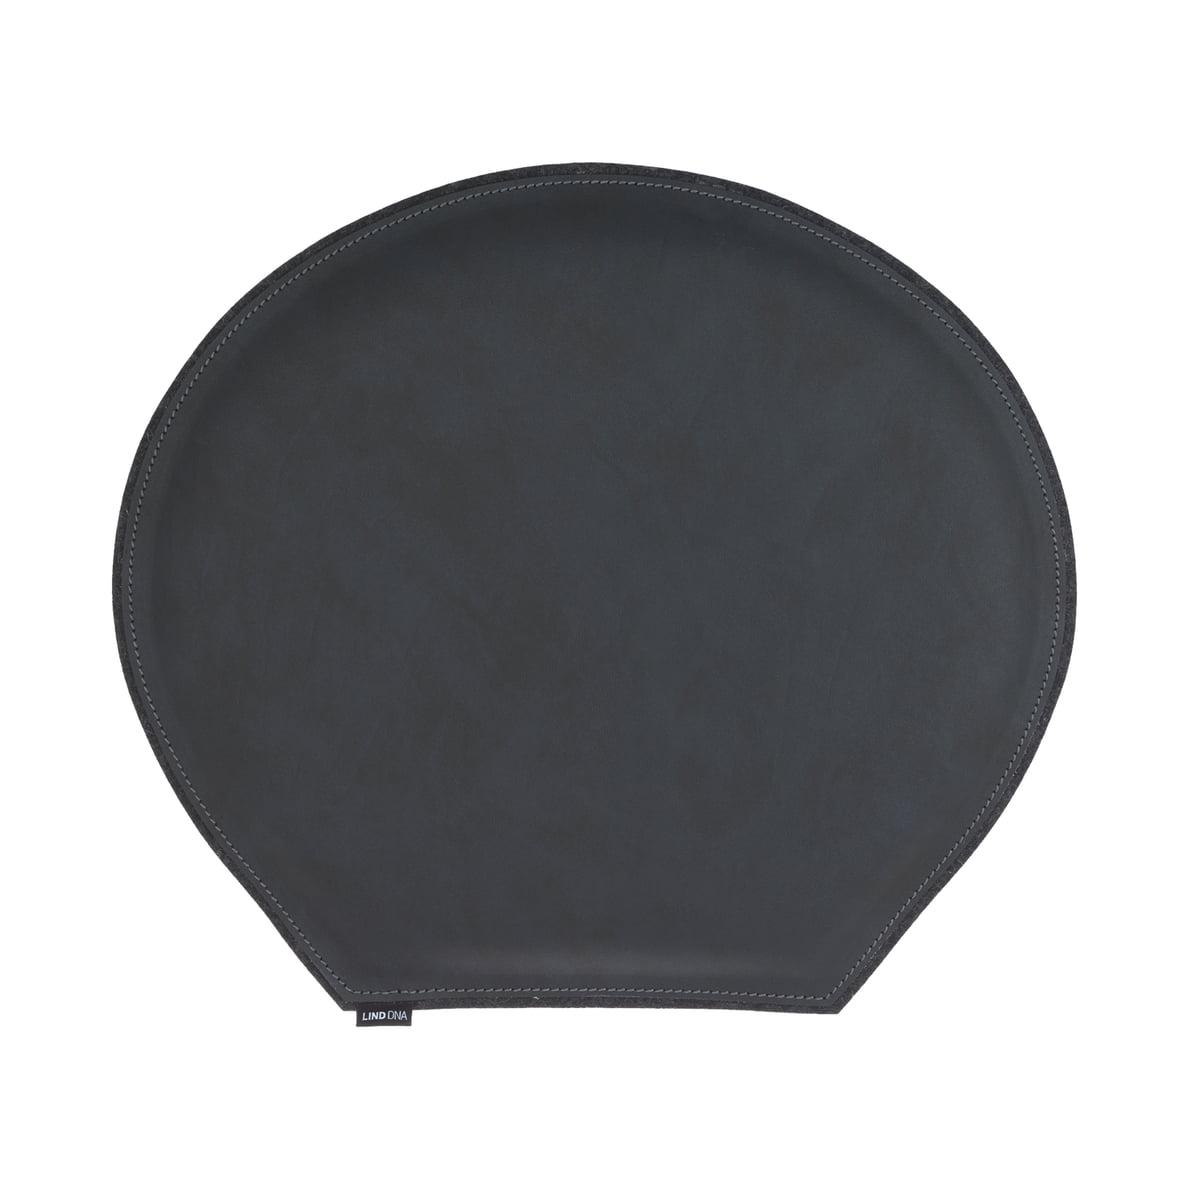 stuhlpolster f r serie 7 von linddna im shop. Black Bedroom Furniture Sets. Home Design Ideas